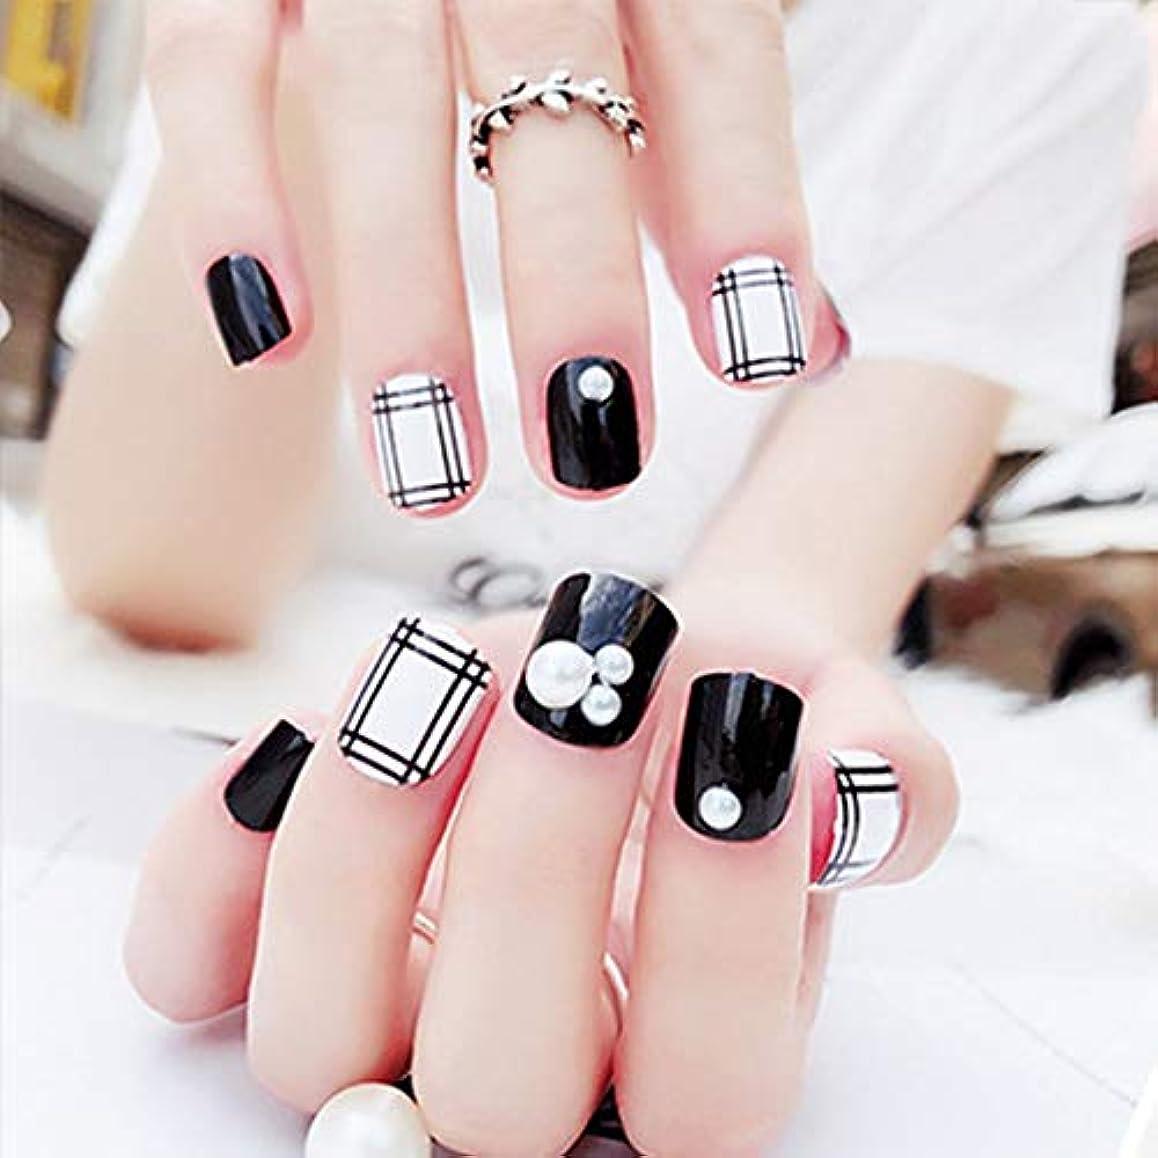 ポーク高尚な紳士ネイルステッカーアクリル偽ネイルフェイクネイルアート指の爪フルヒントソリッドネイルパッチステッカー (Panda)